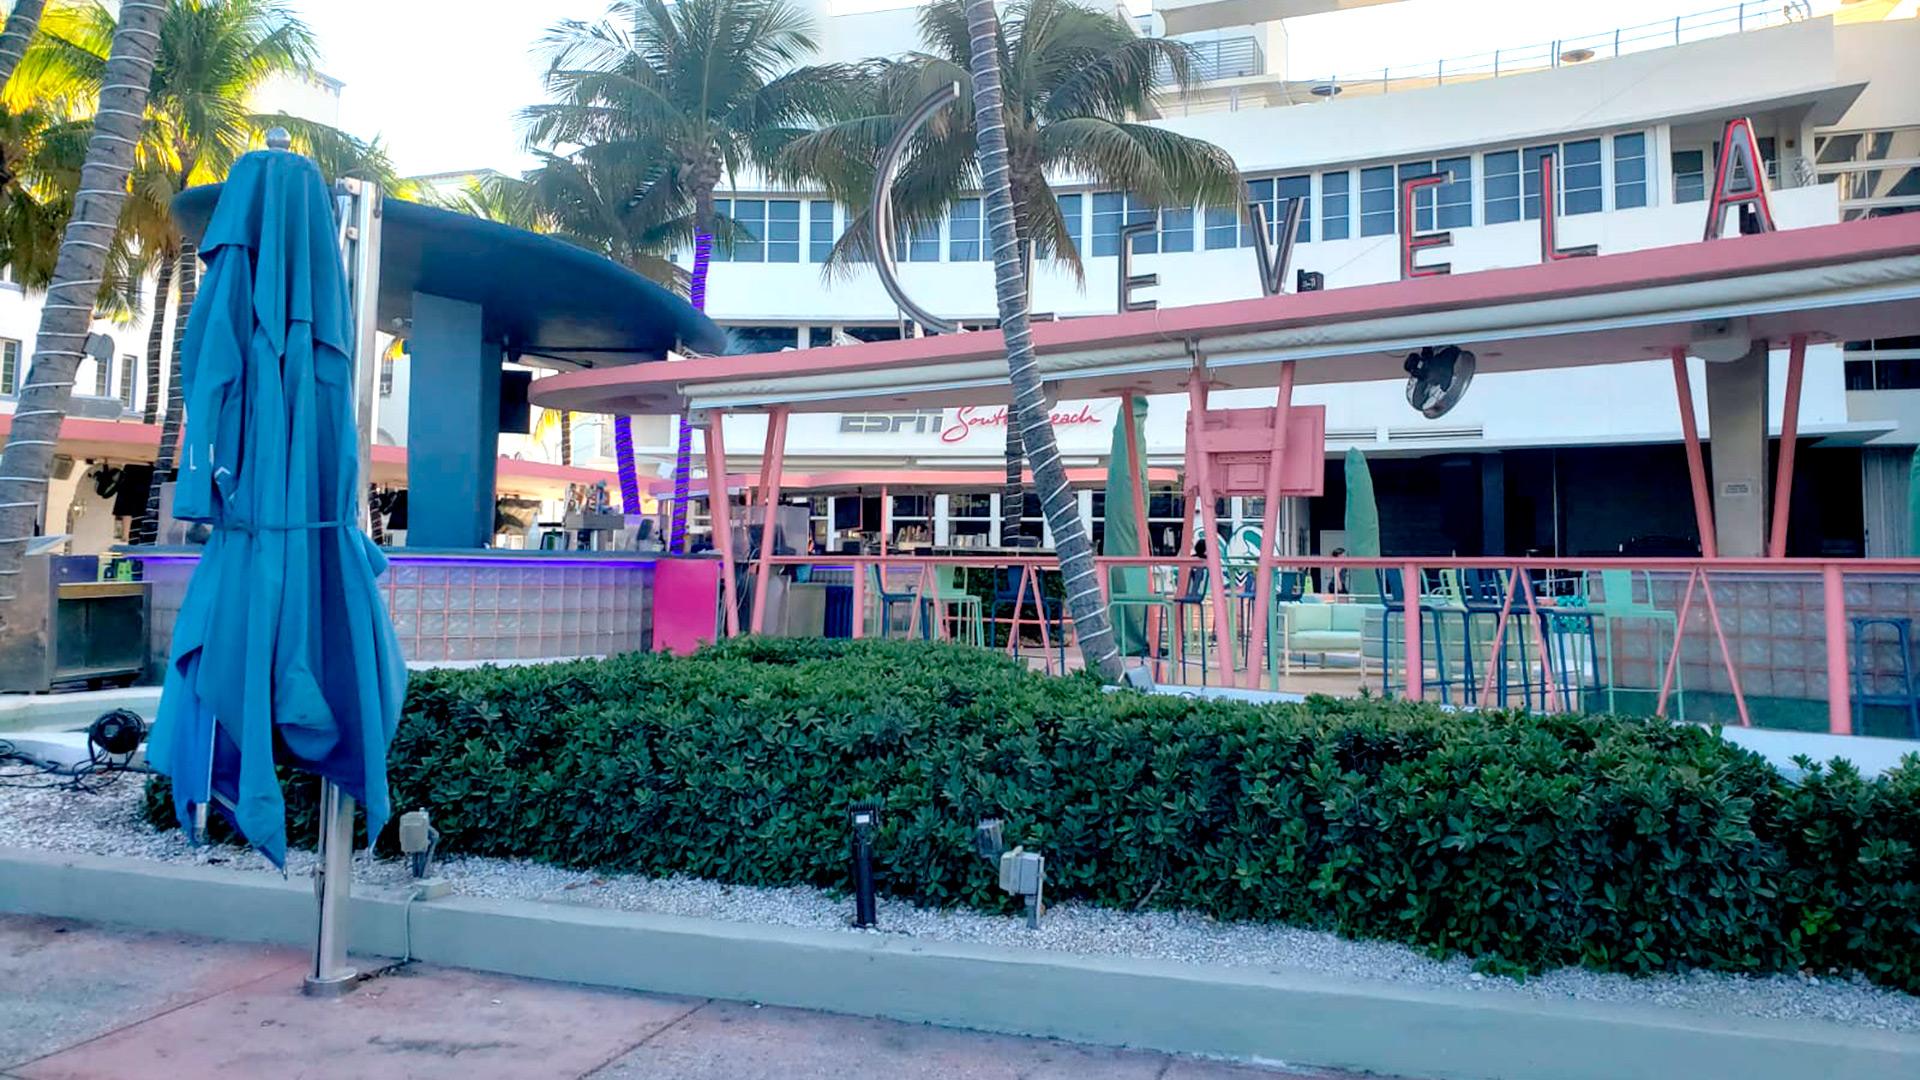 Una postal pocas veces vista en una ciudad como Miami: hoteles prácticamente vacíos, y bares y restaurantes cerrados. (Foto: Infobae)